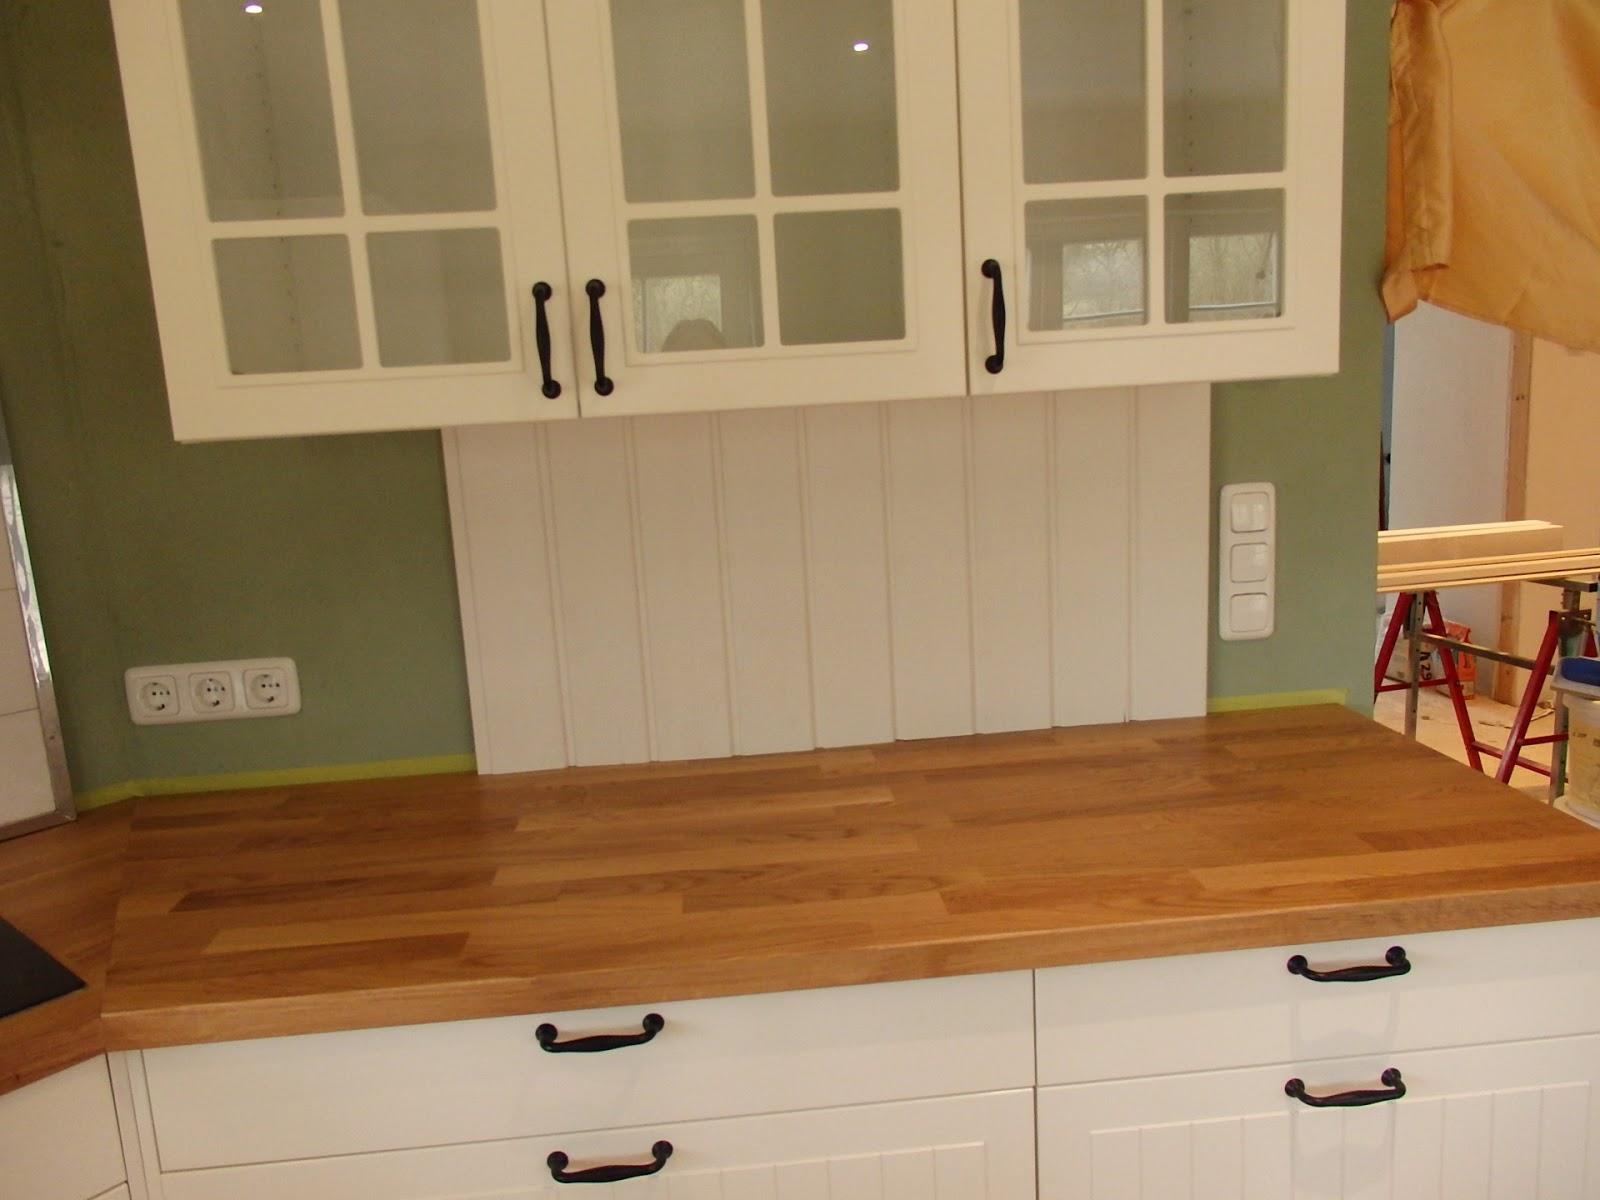 fliesenspiegel küche höhe ~ kreative bilder für zu hause design ... - Fliesenspiegel Küche Höhe